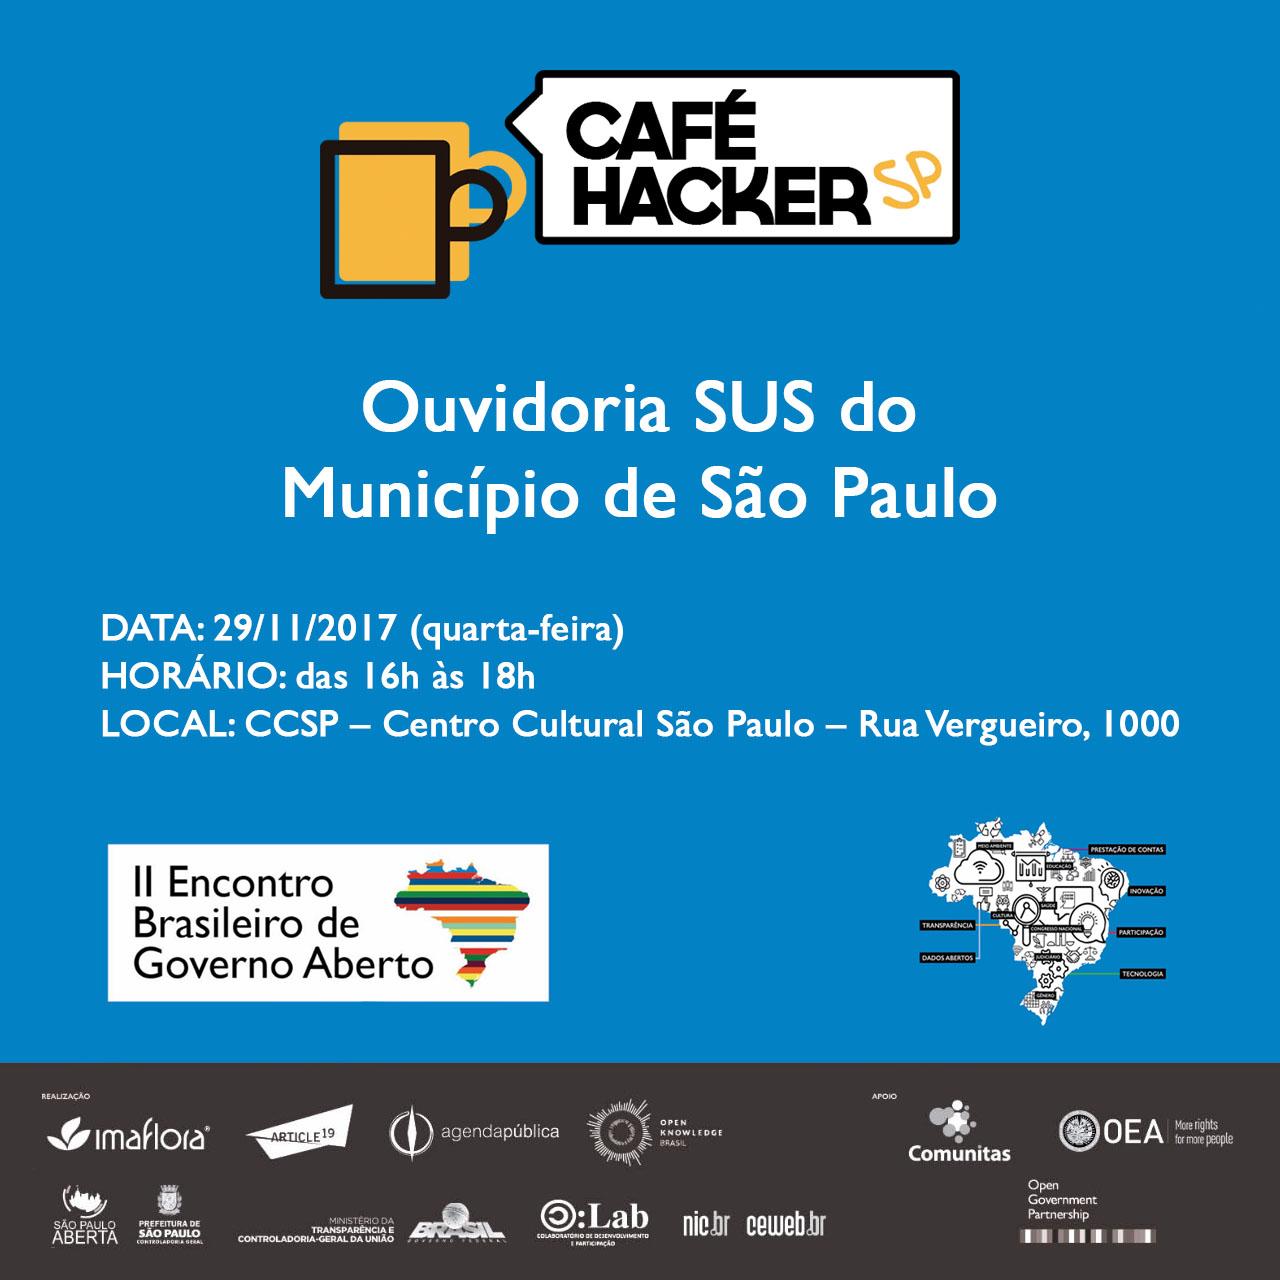 Arte com os detalhes sobre o Café Hacker que ocorrerá no II Encontro de Governo aberto.